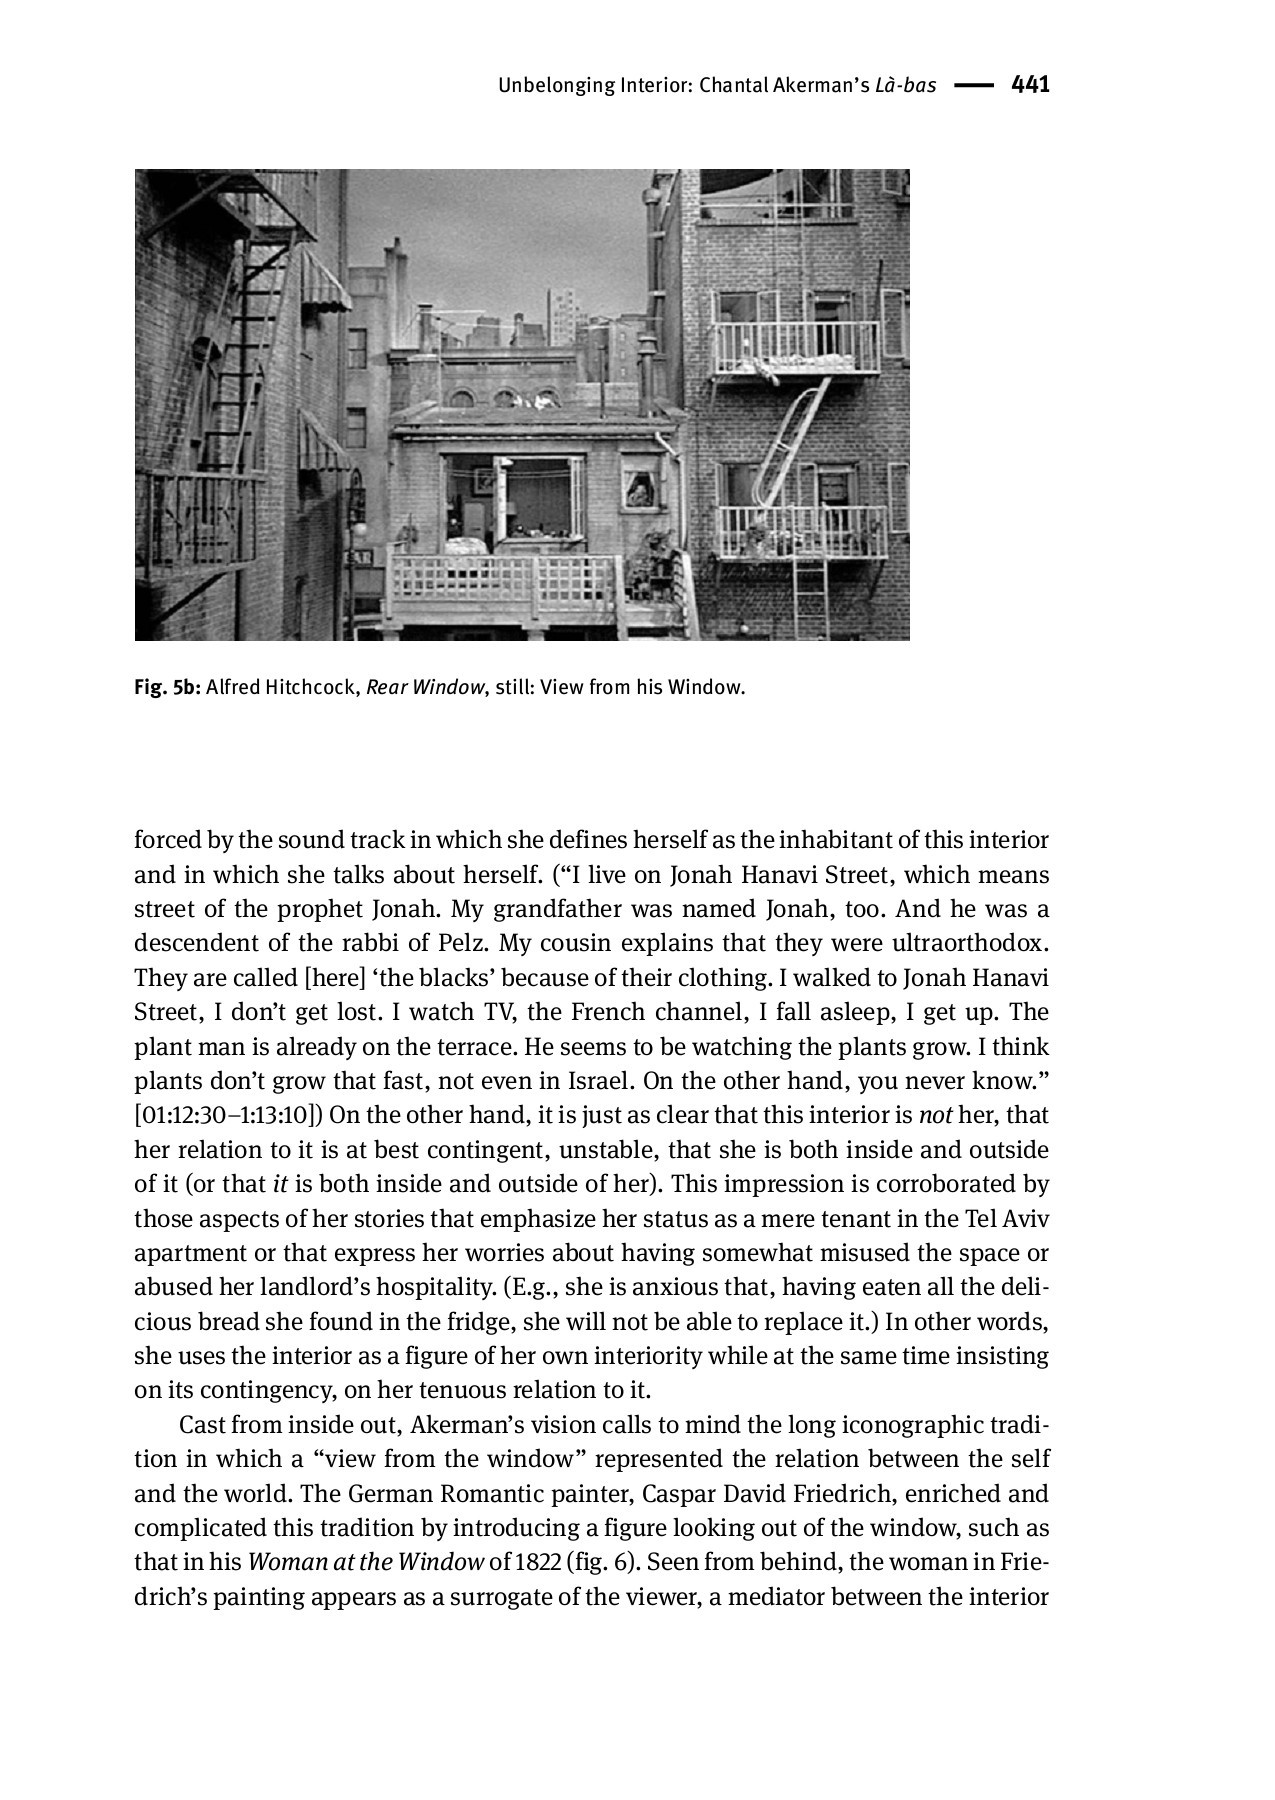 La Maison Du Bois Clairvaux interiors and interiority-flip book pages 451-500   pubhtml5